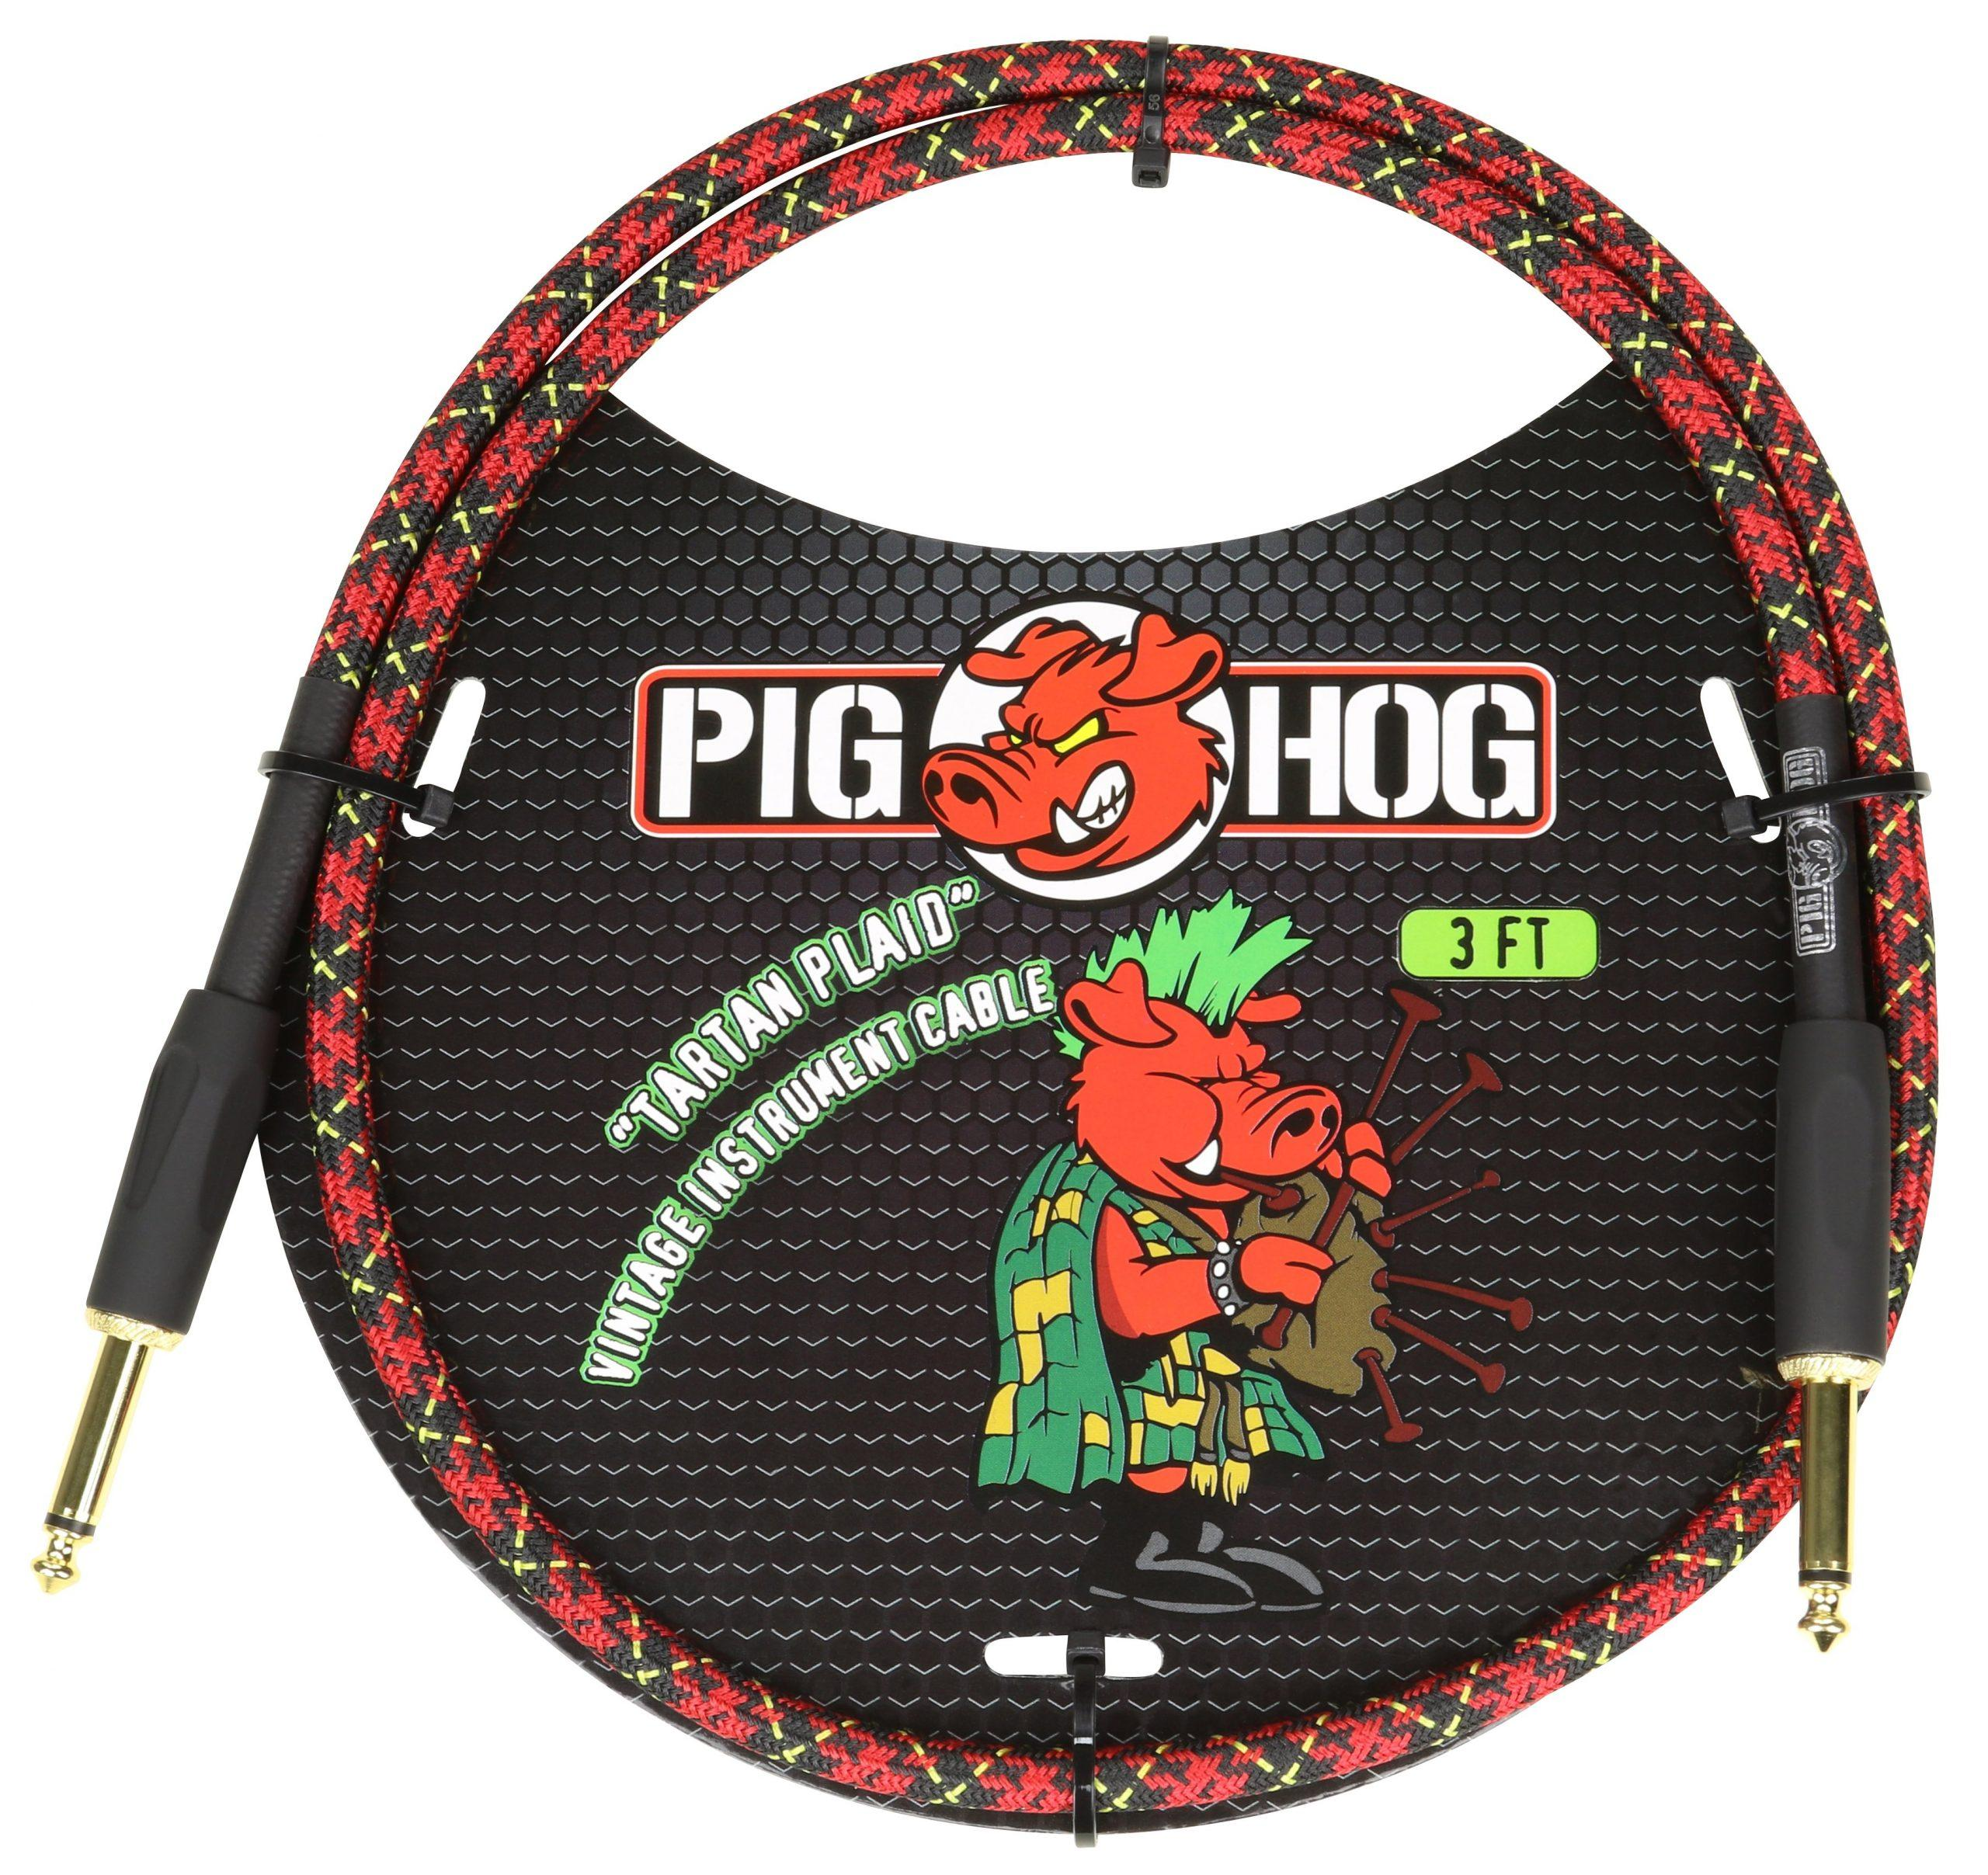 """Pig Hog """"Tartan Plaid"""" 3ft Patch Cables"""